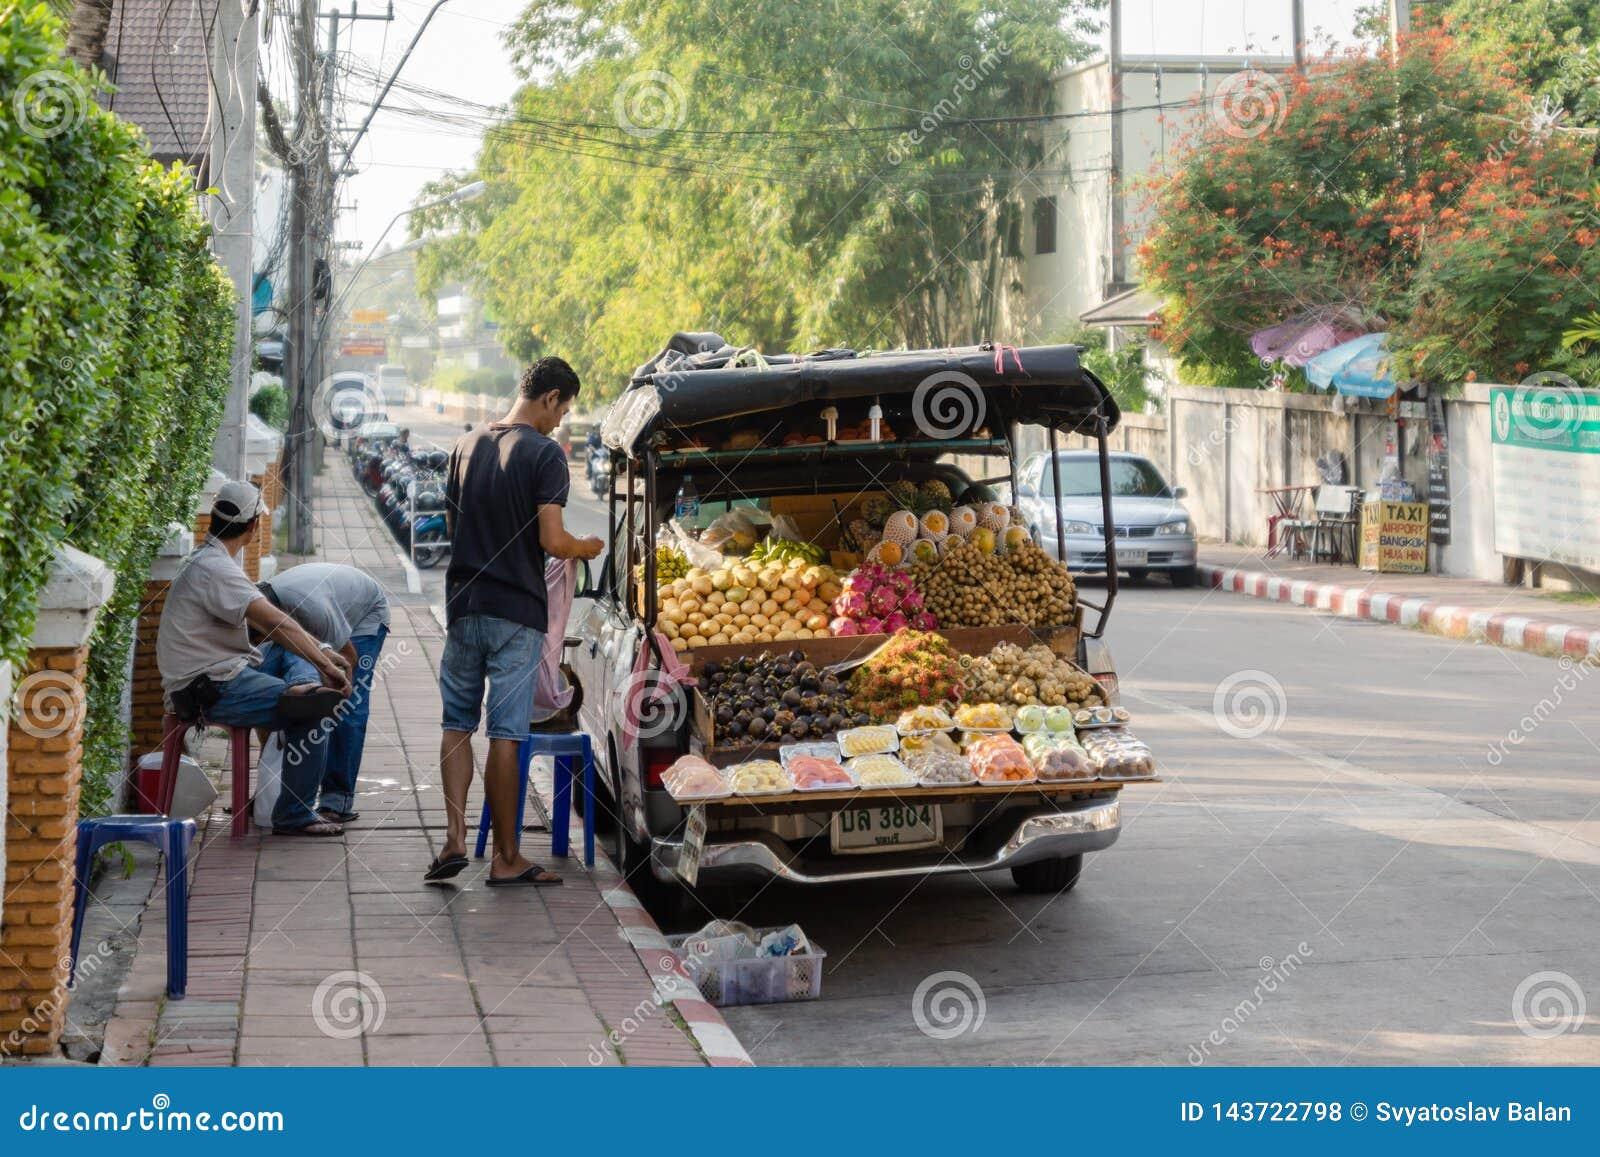 Οι προμηθευτές νωπών καρπών προετοιμάζονται να κάνουν εμπόριο νωρίς το πρωί σε μια οδό σε Pattaya